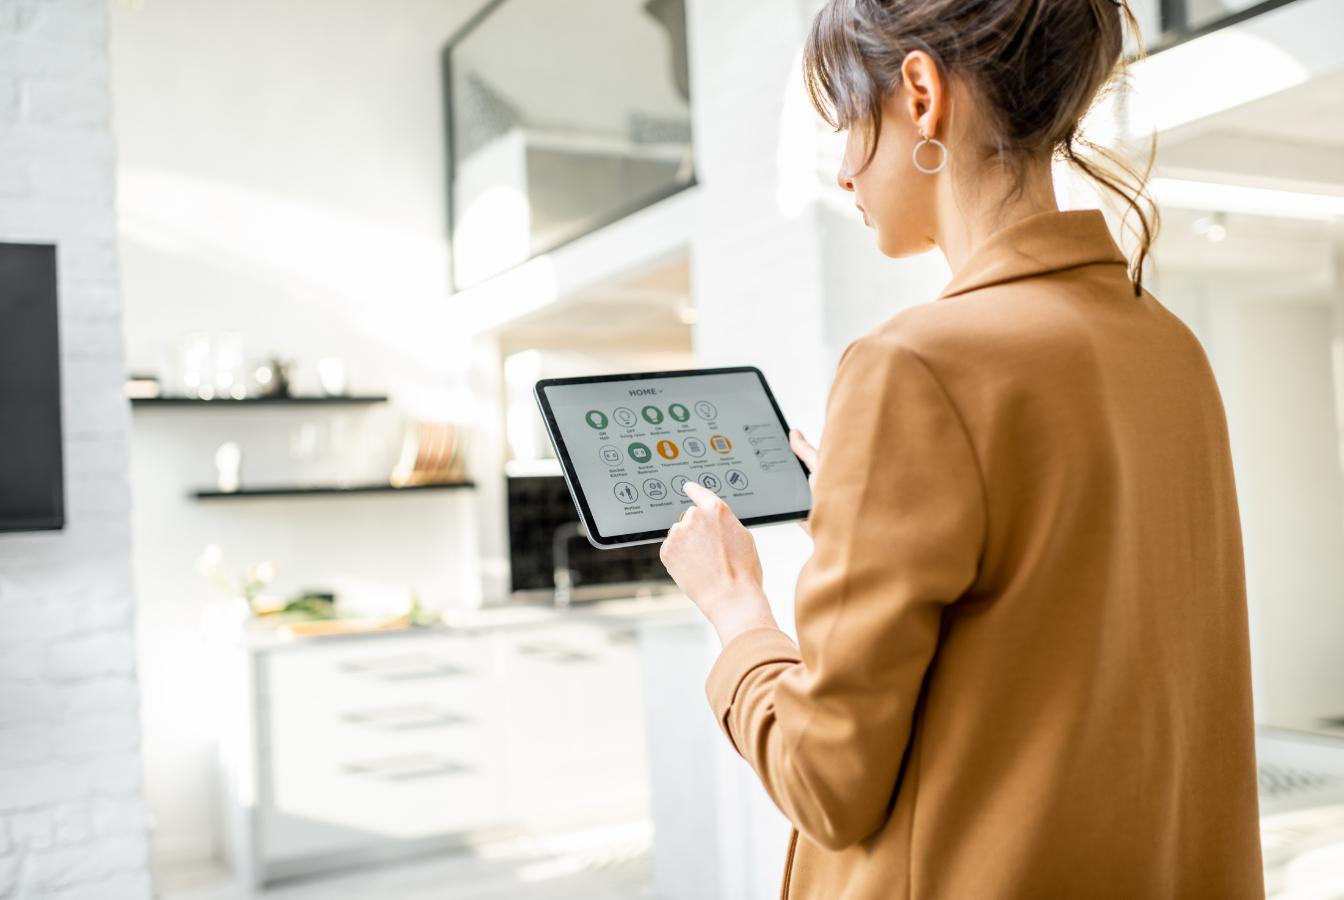 Eiffage wprowadza inteligentne mieszkania przyszłości, które pozwolą obniżyć rachunki i zadbać o ekologię